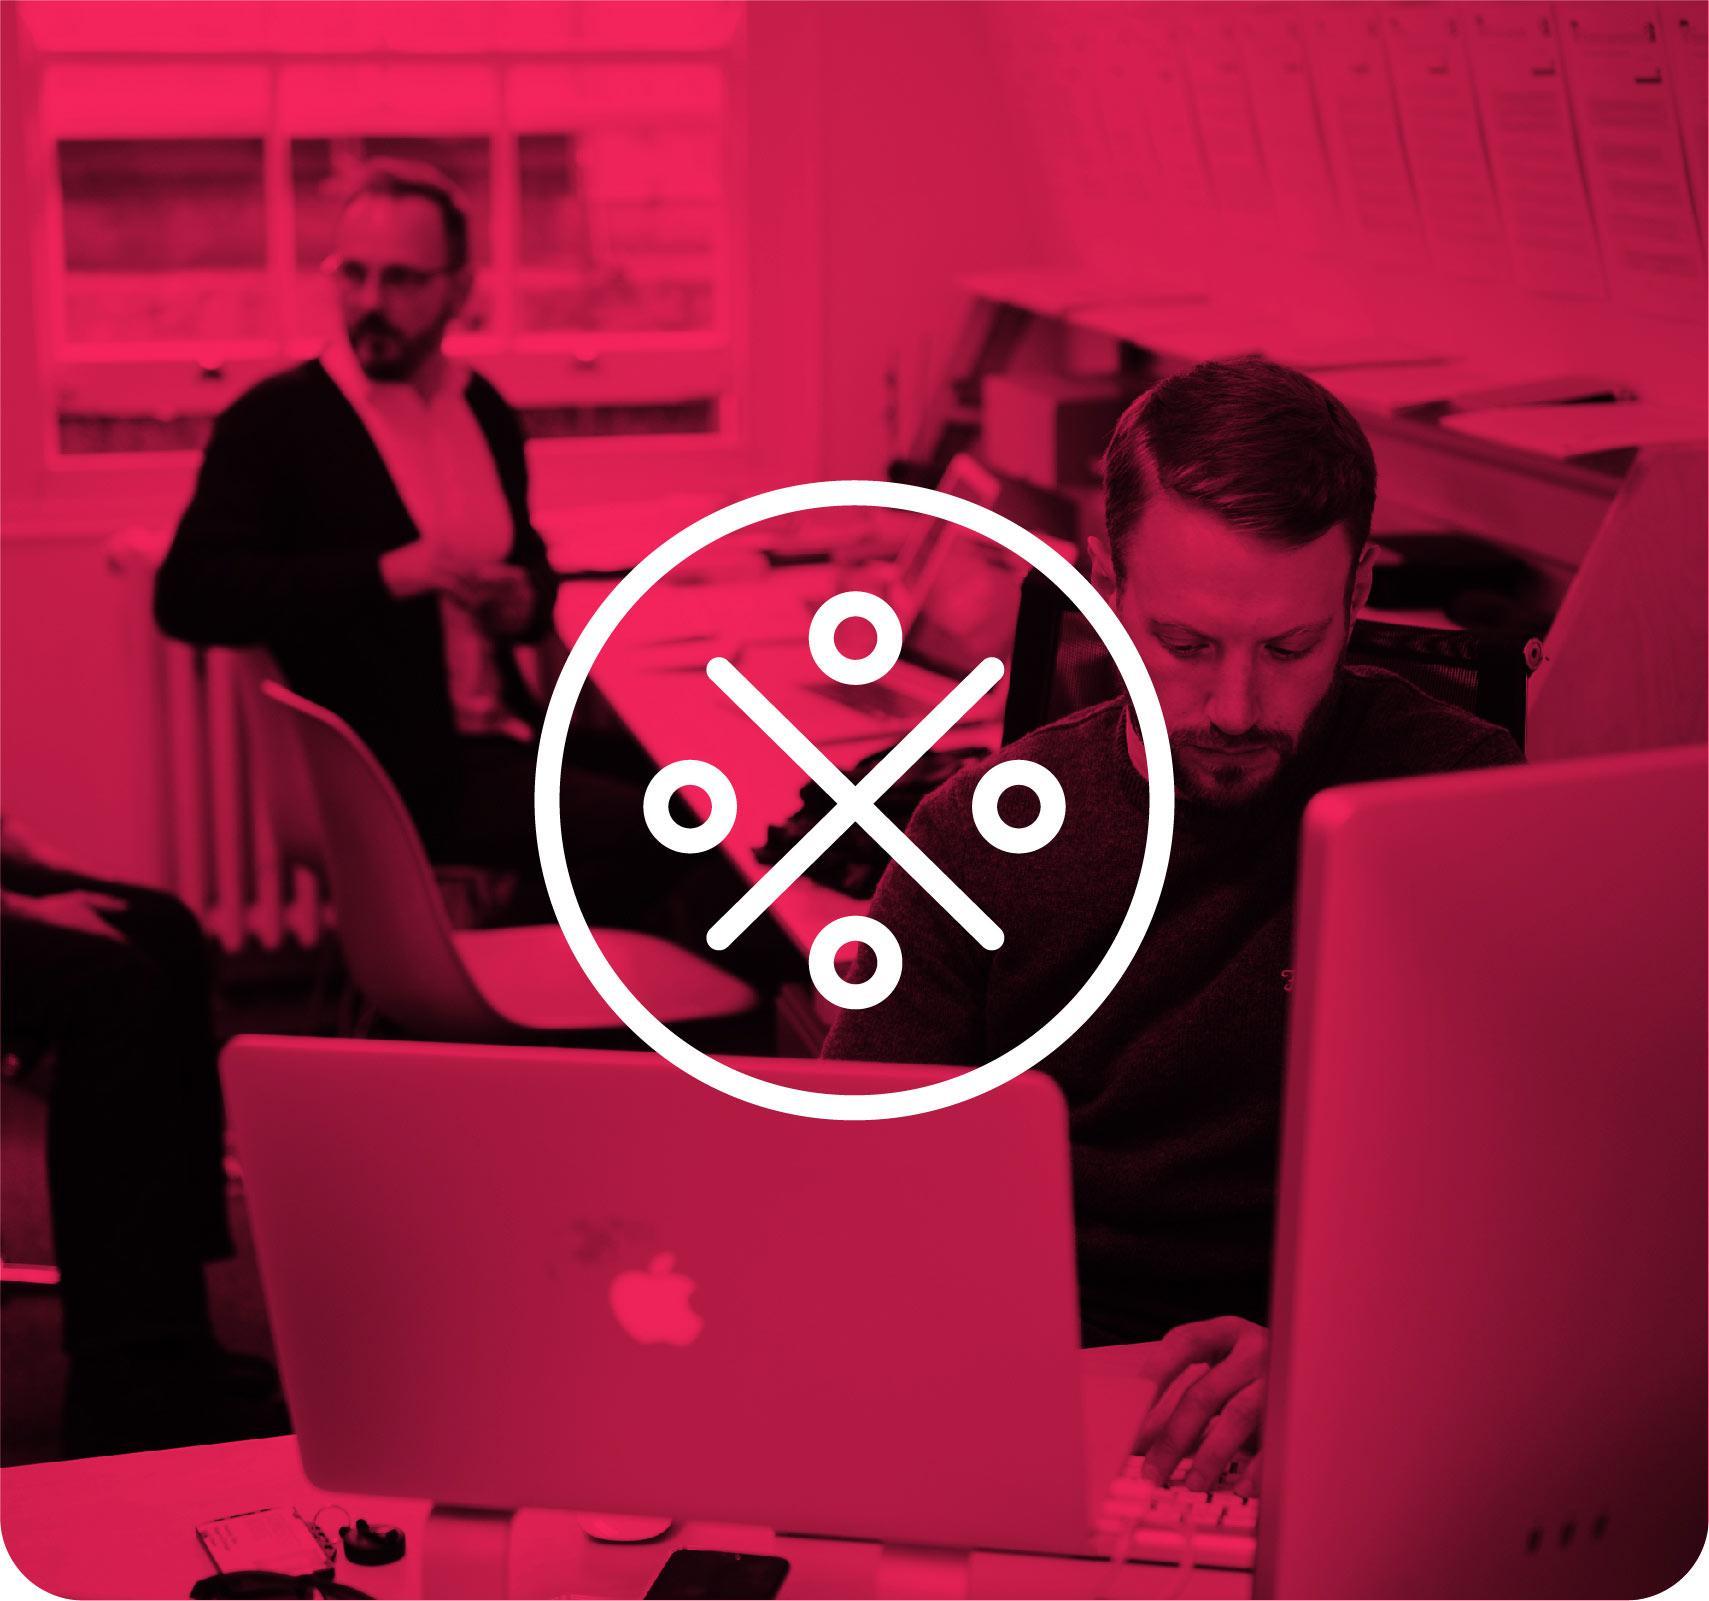 Crowdsourcing Platform Open - Crowdsourcing interior design